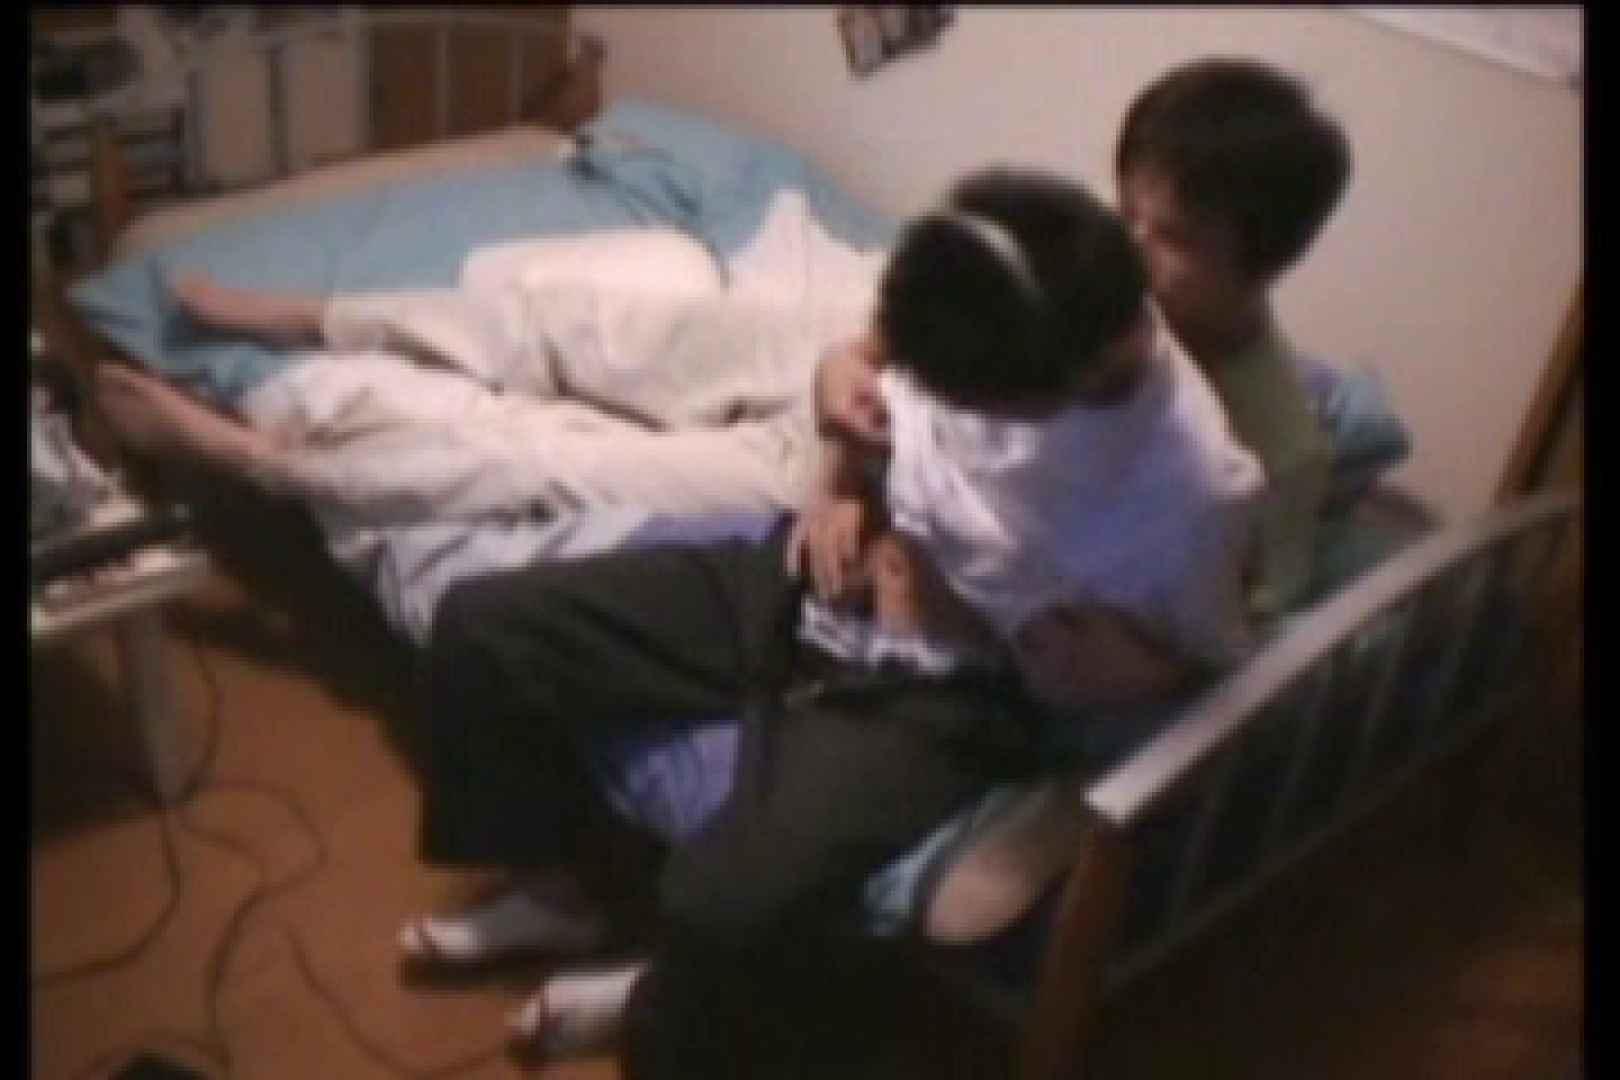 【実録投稿】友達覗撮In my room!! 射精  102pic 40